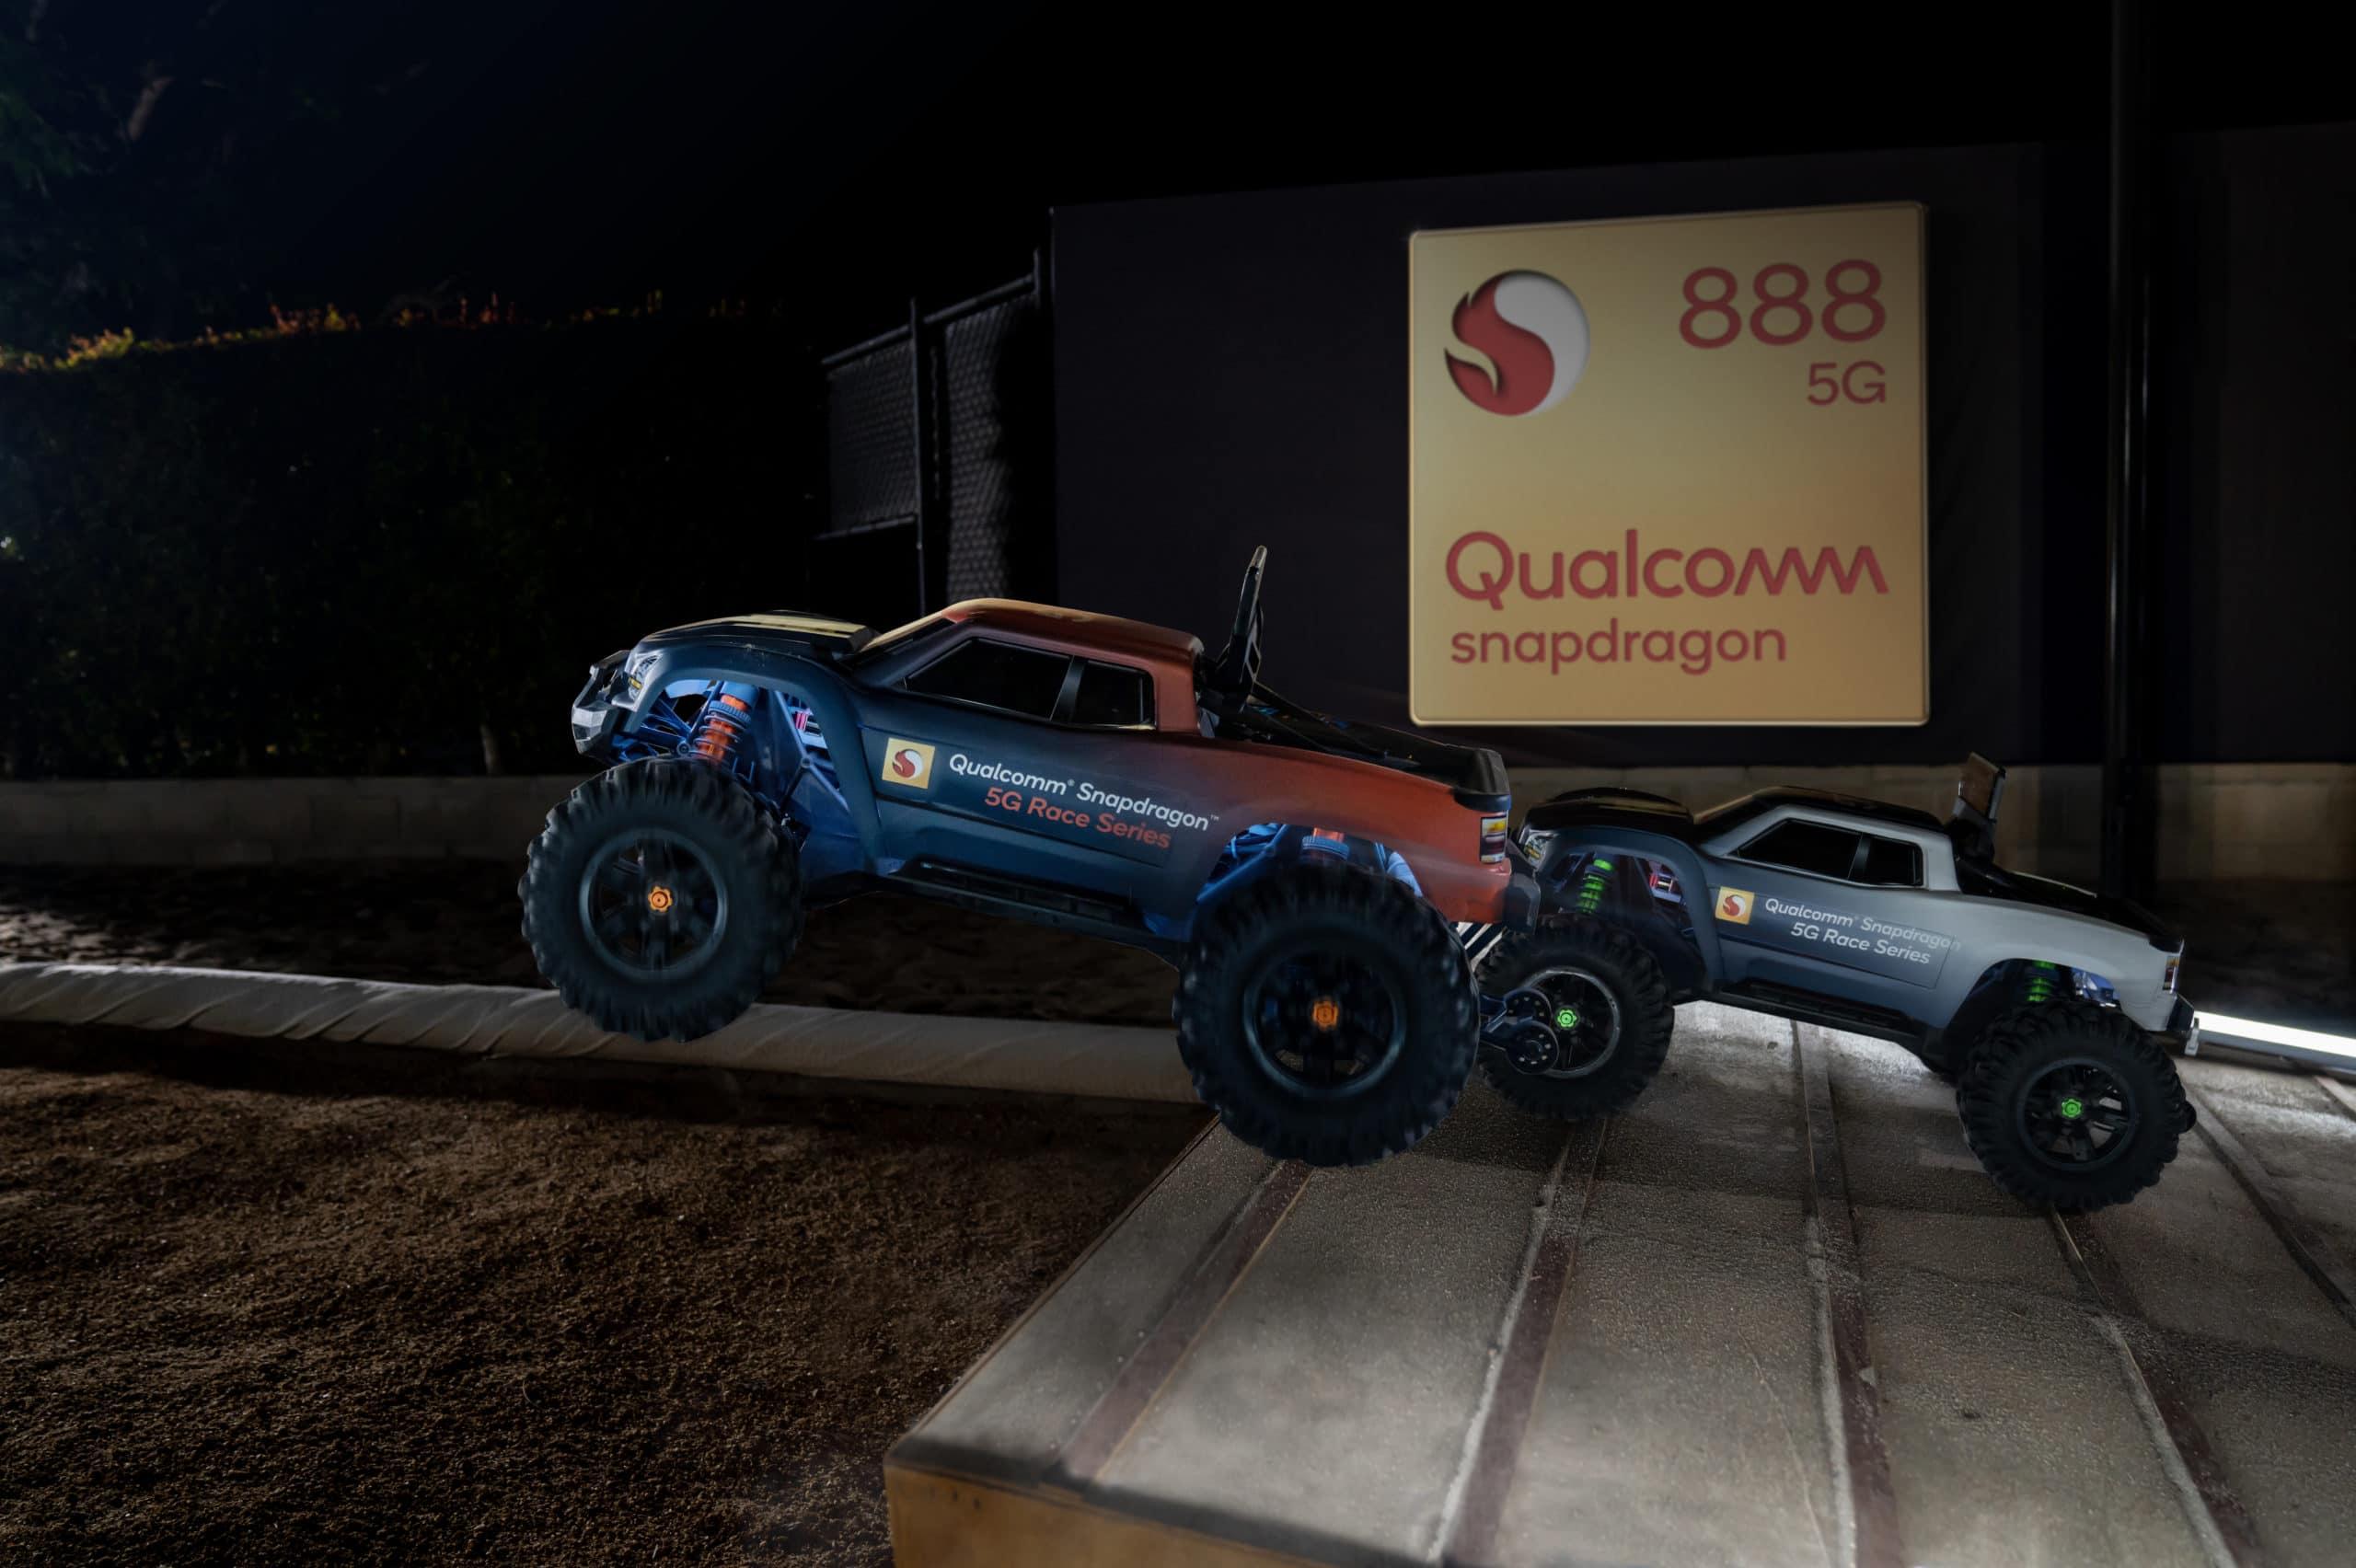 Qualcomm intros flagship Snapdragon 888 5G mobile platform 15